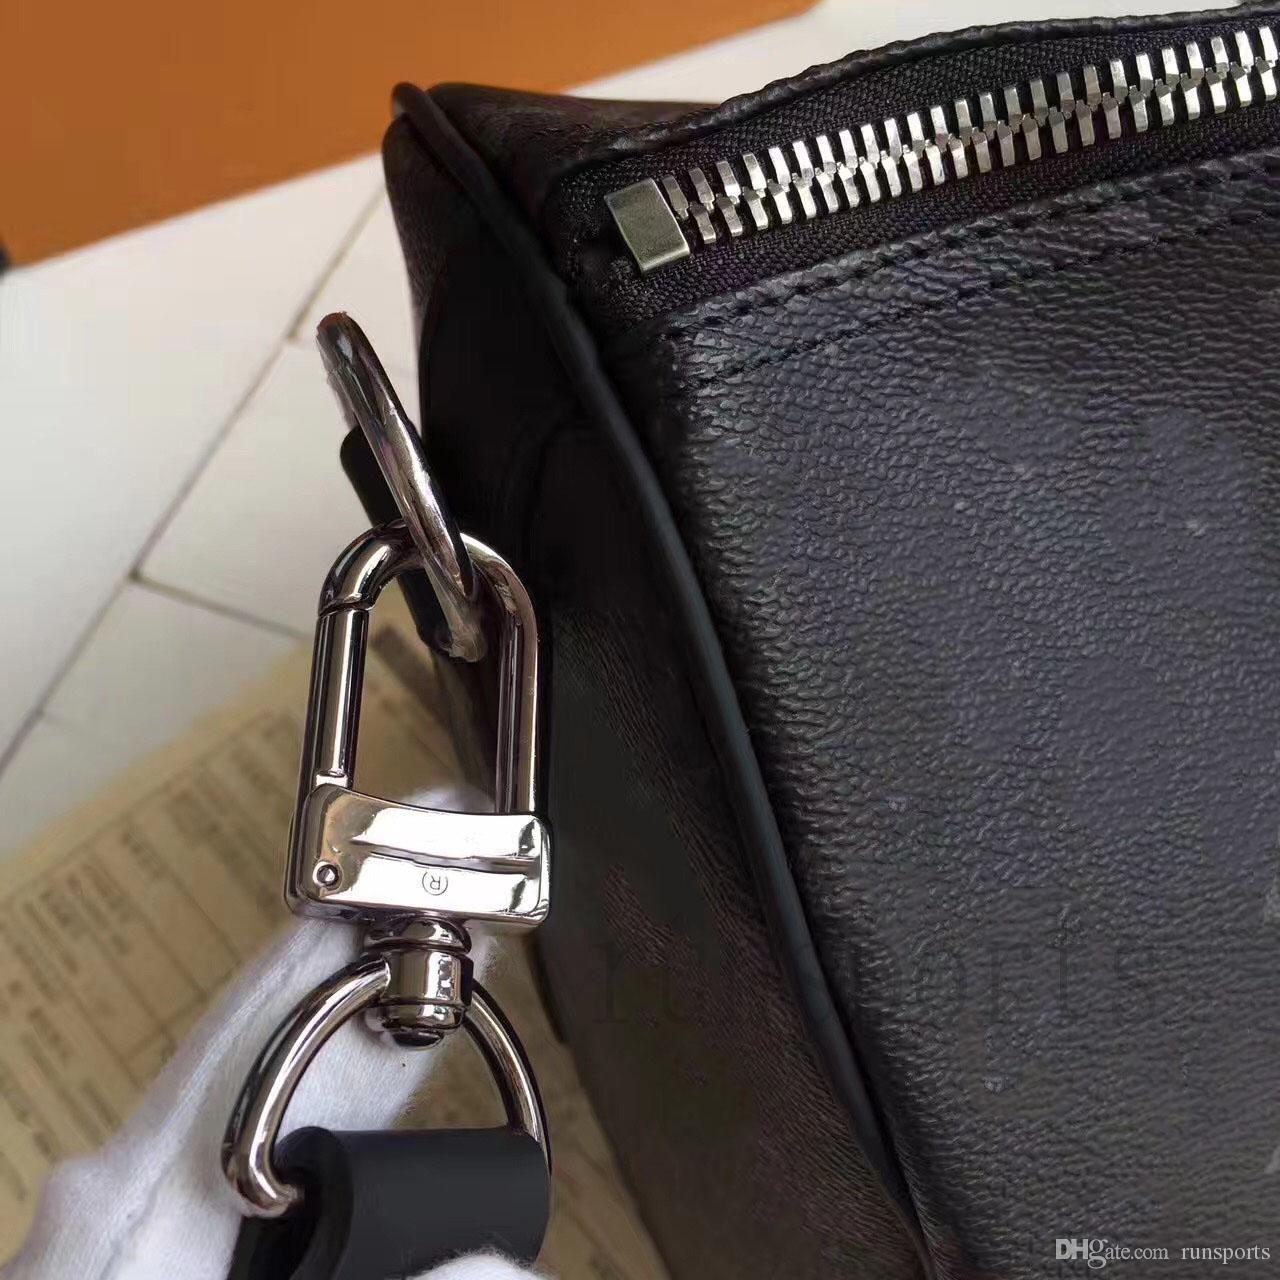 2021 Diseñador de alta calidad Mono Duffle 45 Hombres Bolsos Viajes Crossbody Mens Equipaje V7G4 # gram Sport Bag Bag Keep Todall Tote Lock Tote KCWMD